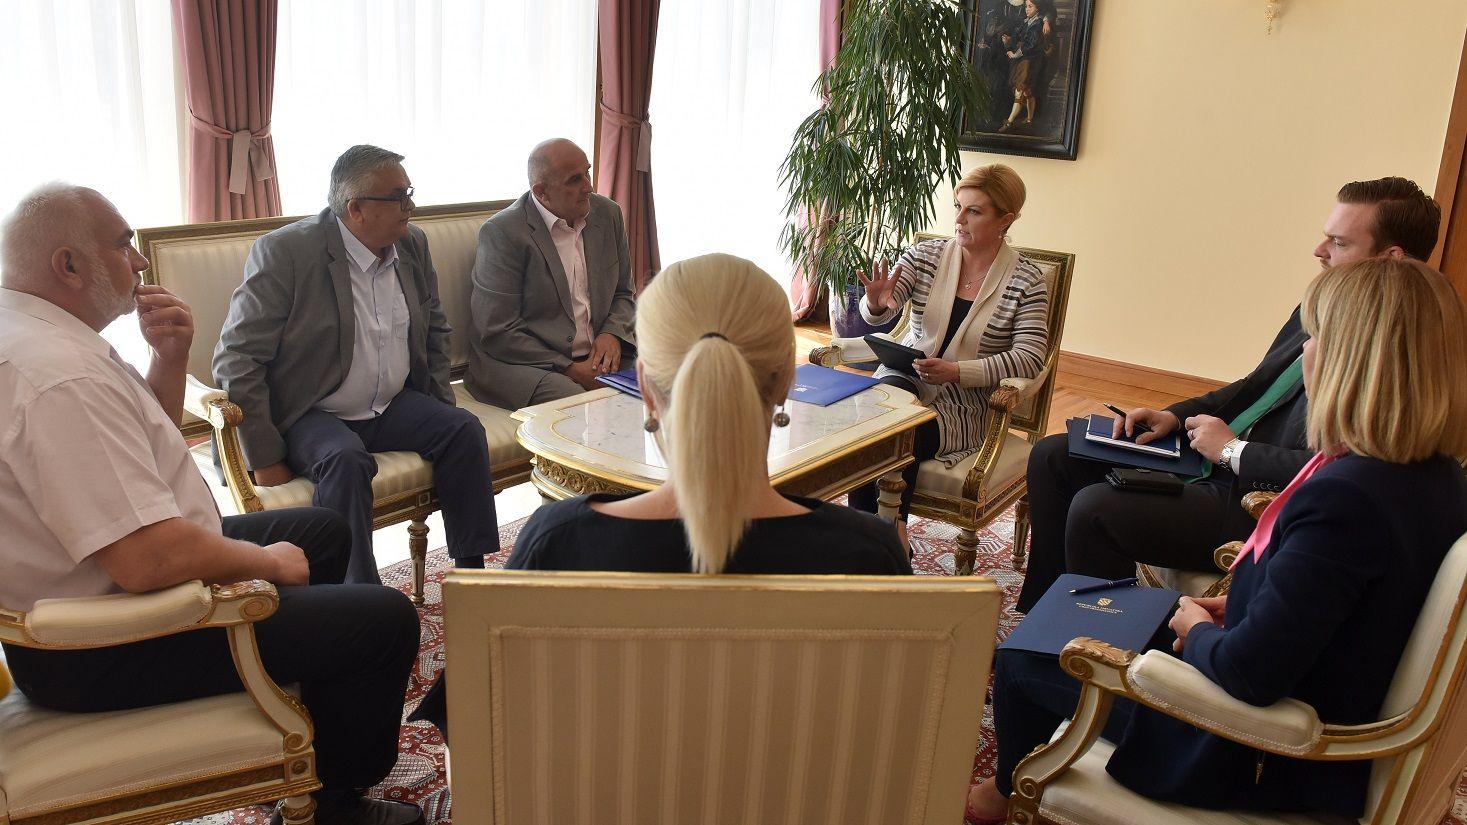 Predsjednica Grabar-Kitarović predlaže da se razmotri prijedlog GI Lex Franak